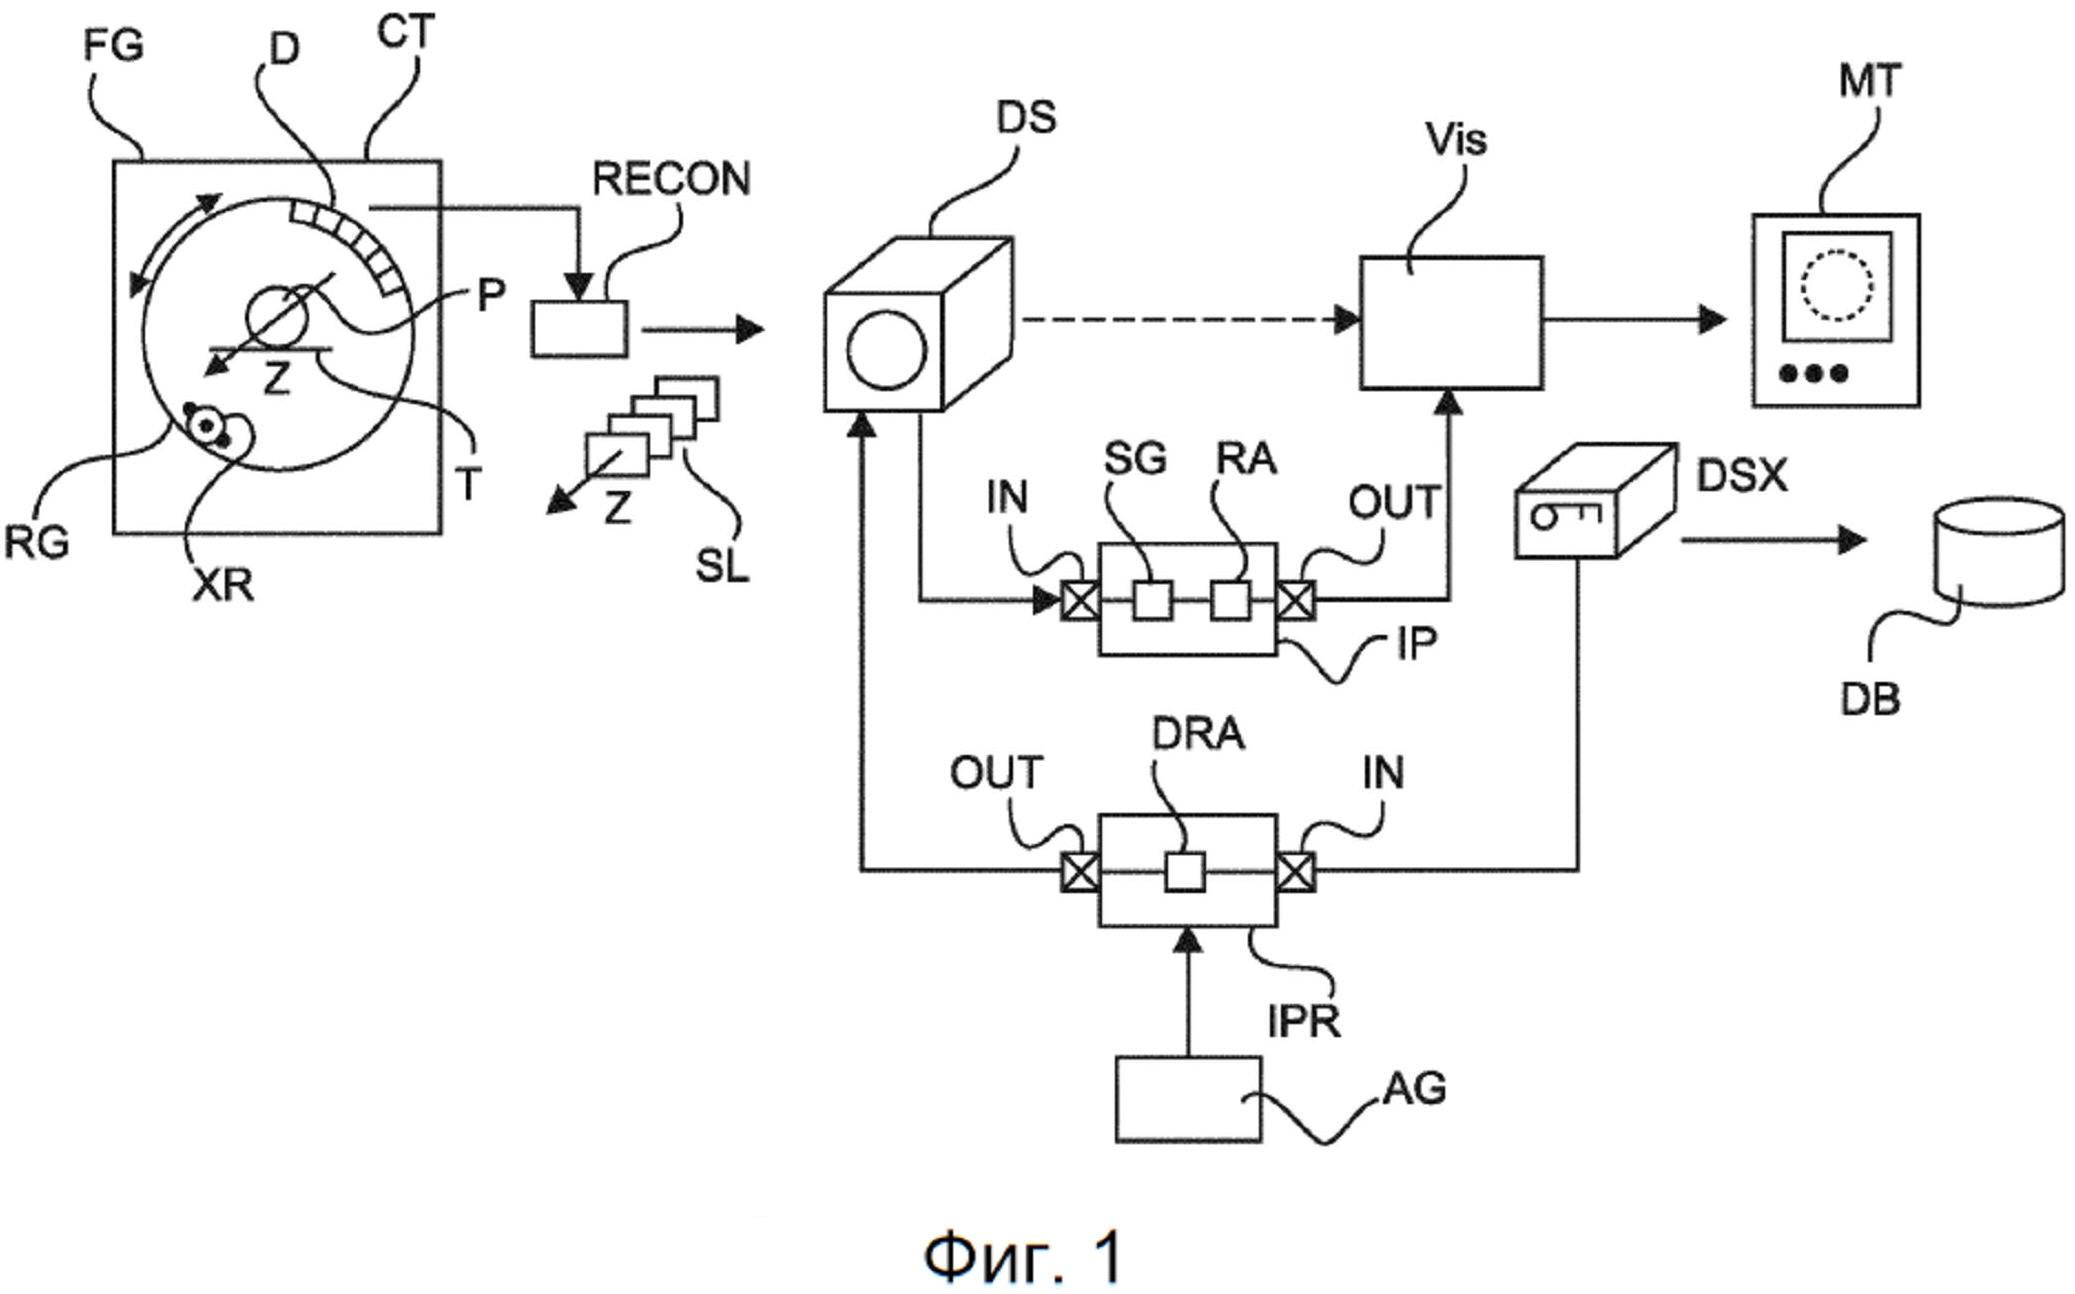 Визуальная деперсонализация массивов медицинских данных для защиты при объемном 3d-рендеринге